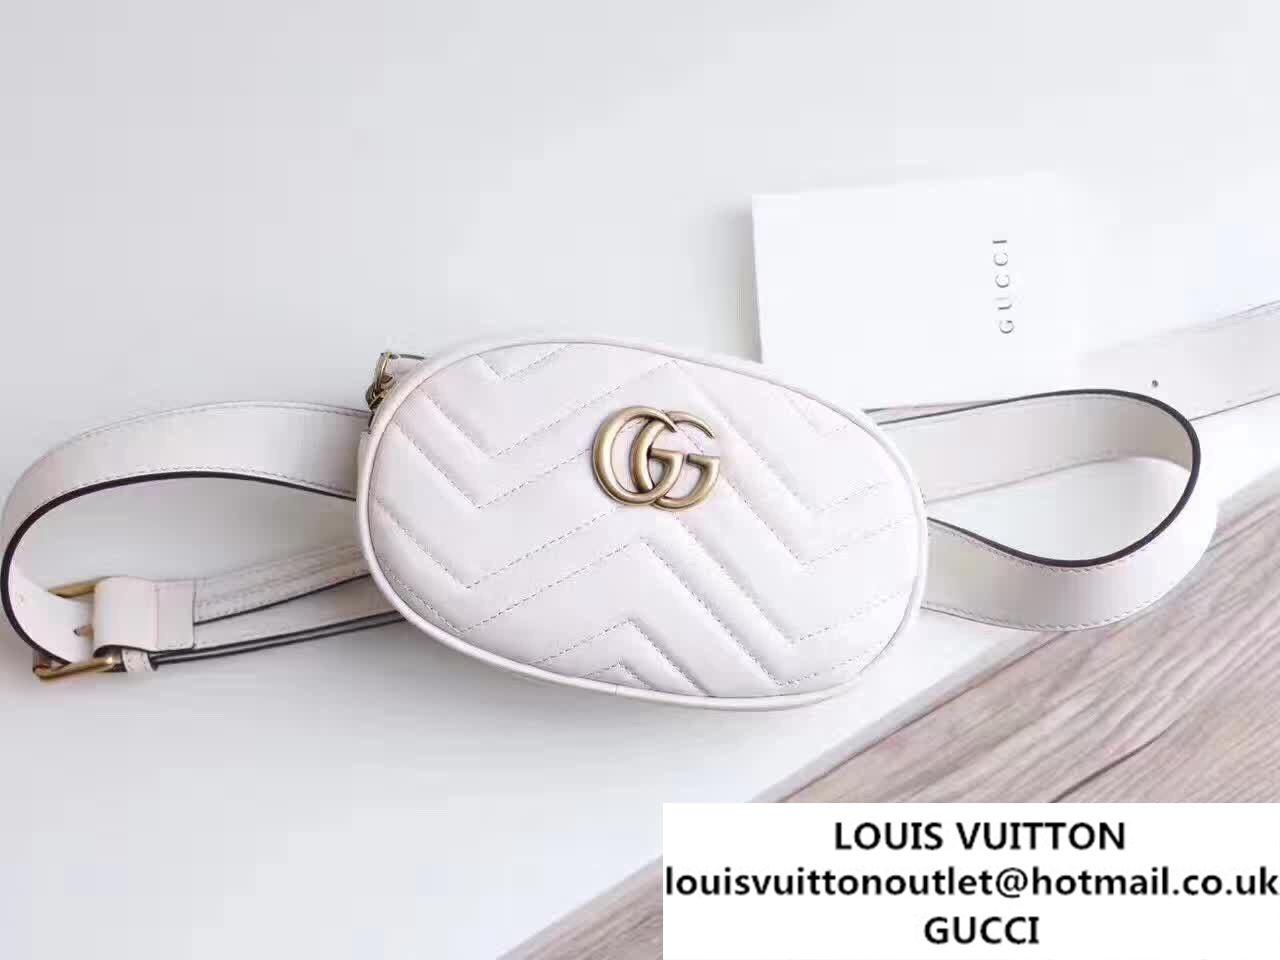 32346cbfaaff52 Gucci GG Marmont Matelasse Leather Belt Bag 476437 White 2017 ...